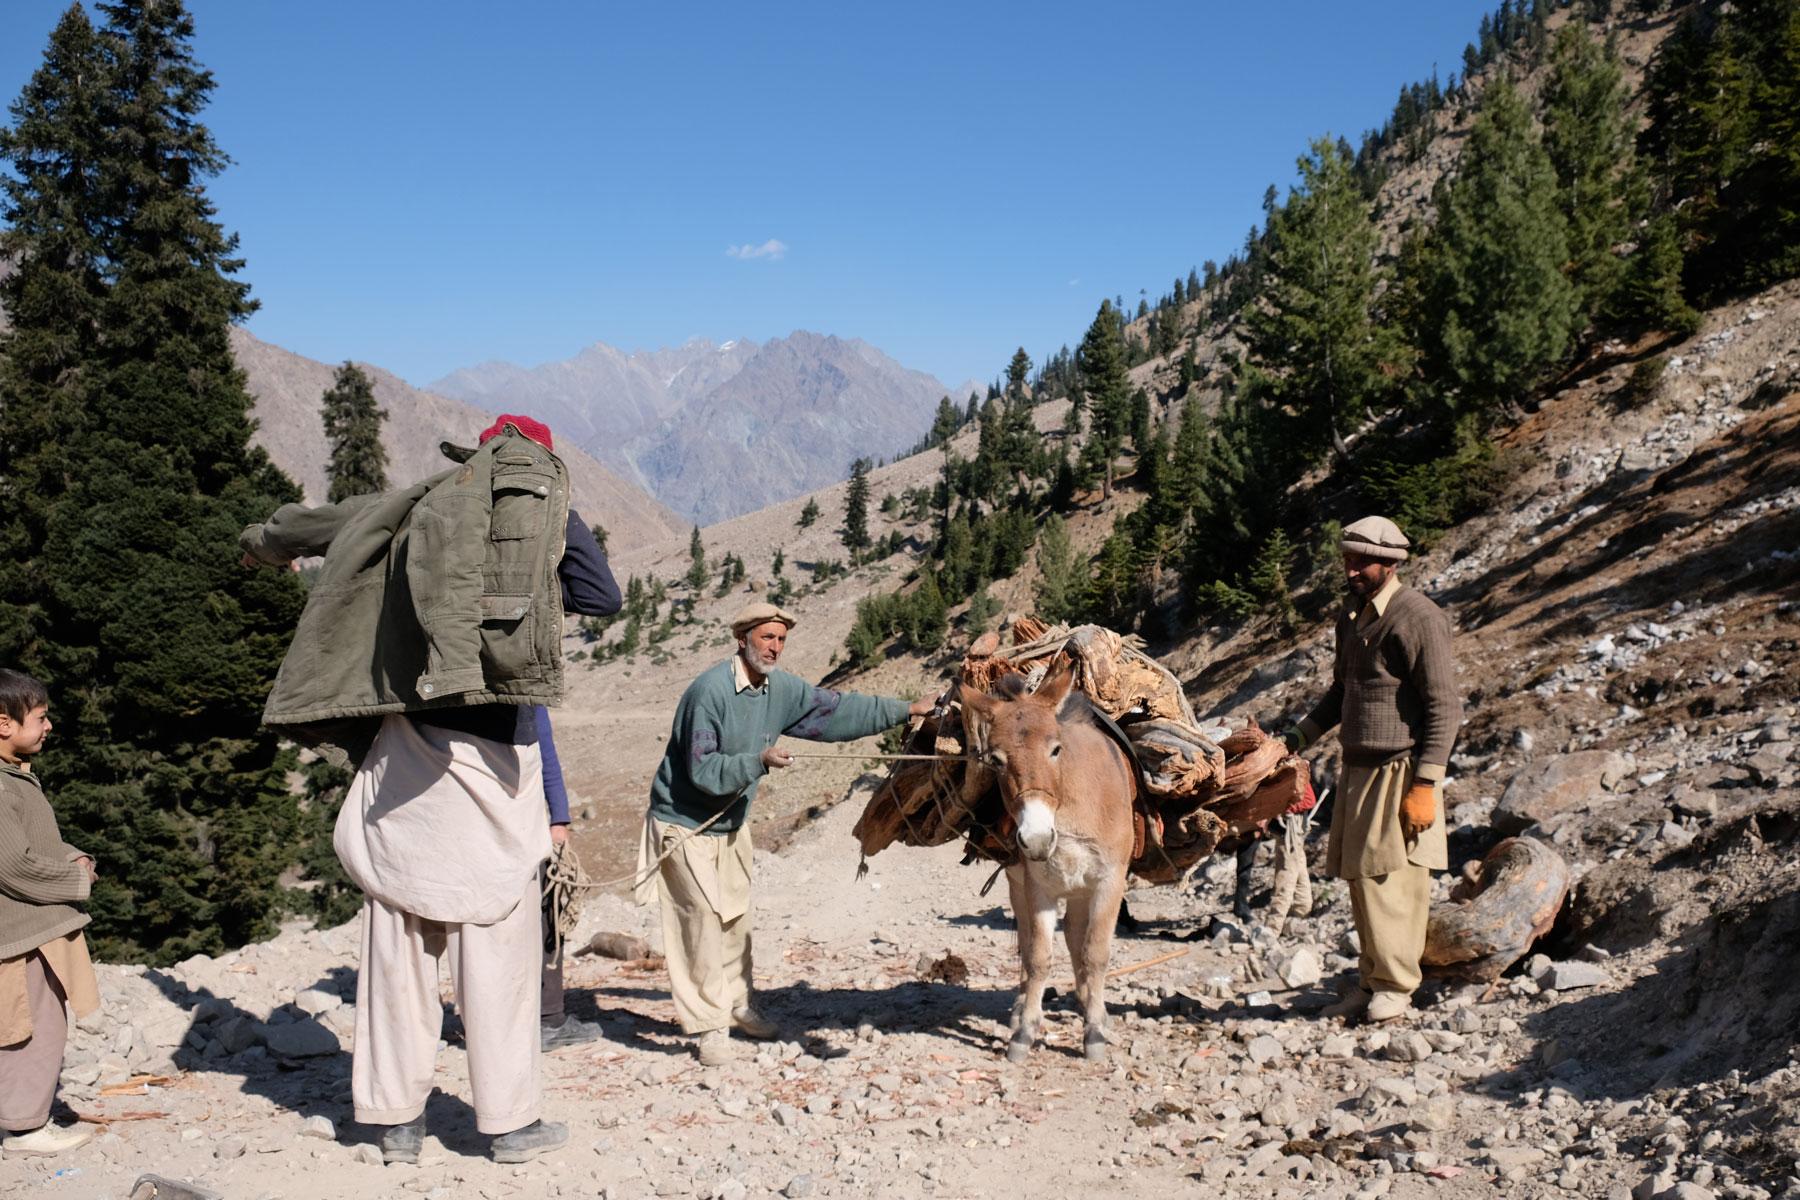 Drei Männer neben einem Esel, der mit Brennholz beladen ist.